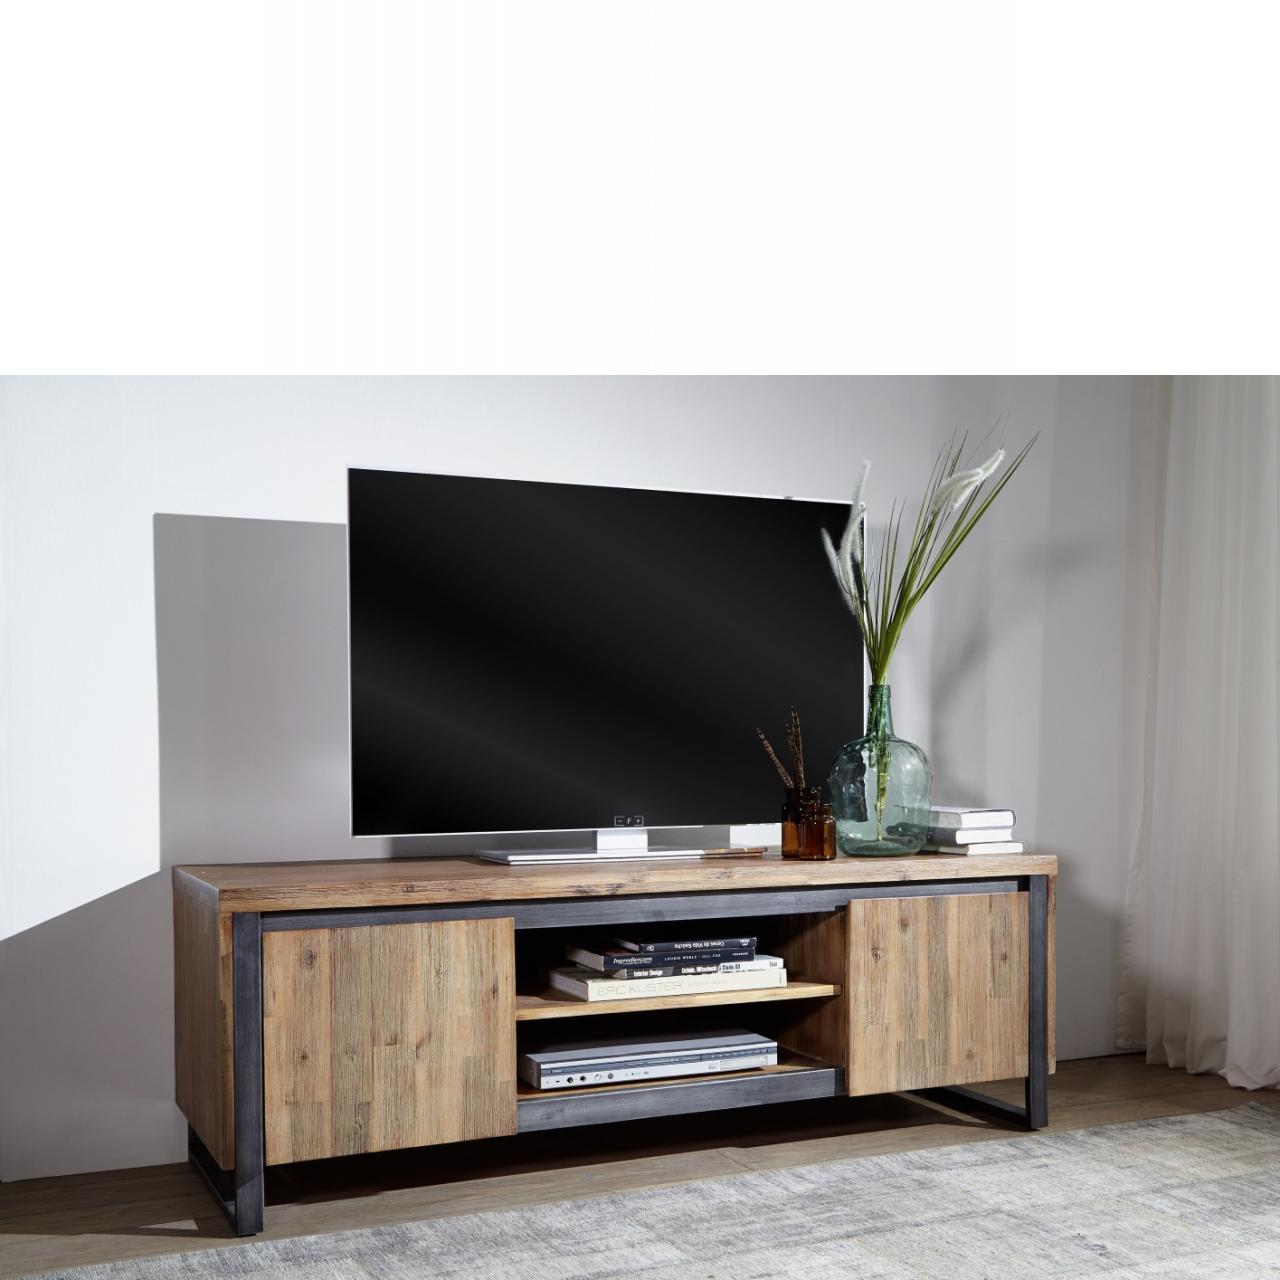 Lowboard TV-Board Nr. 1 WZ-0191 Anrichte